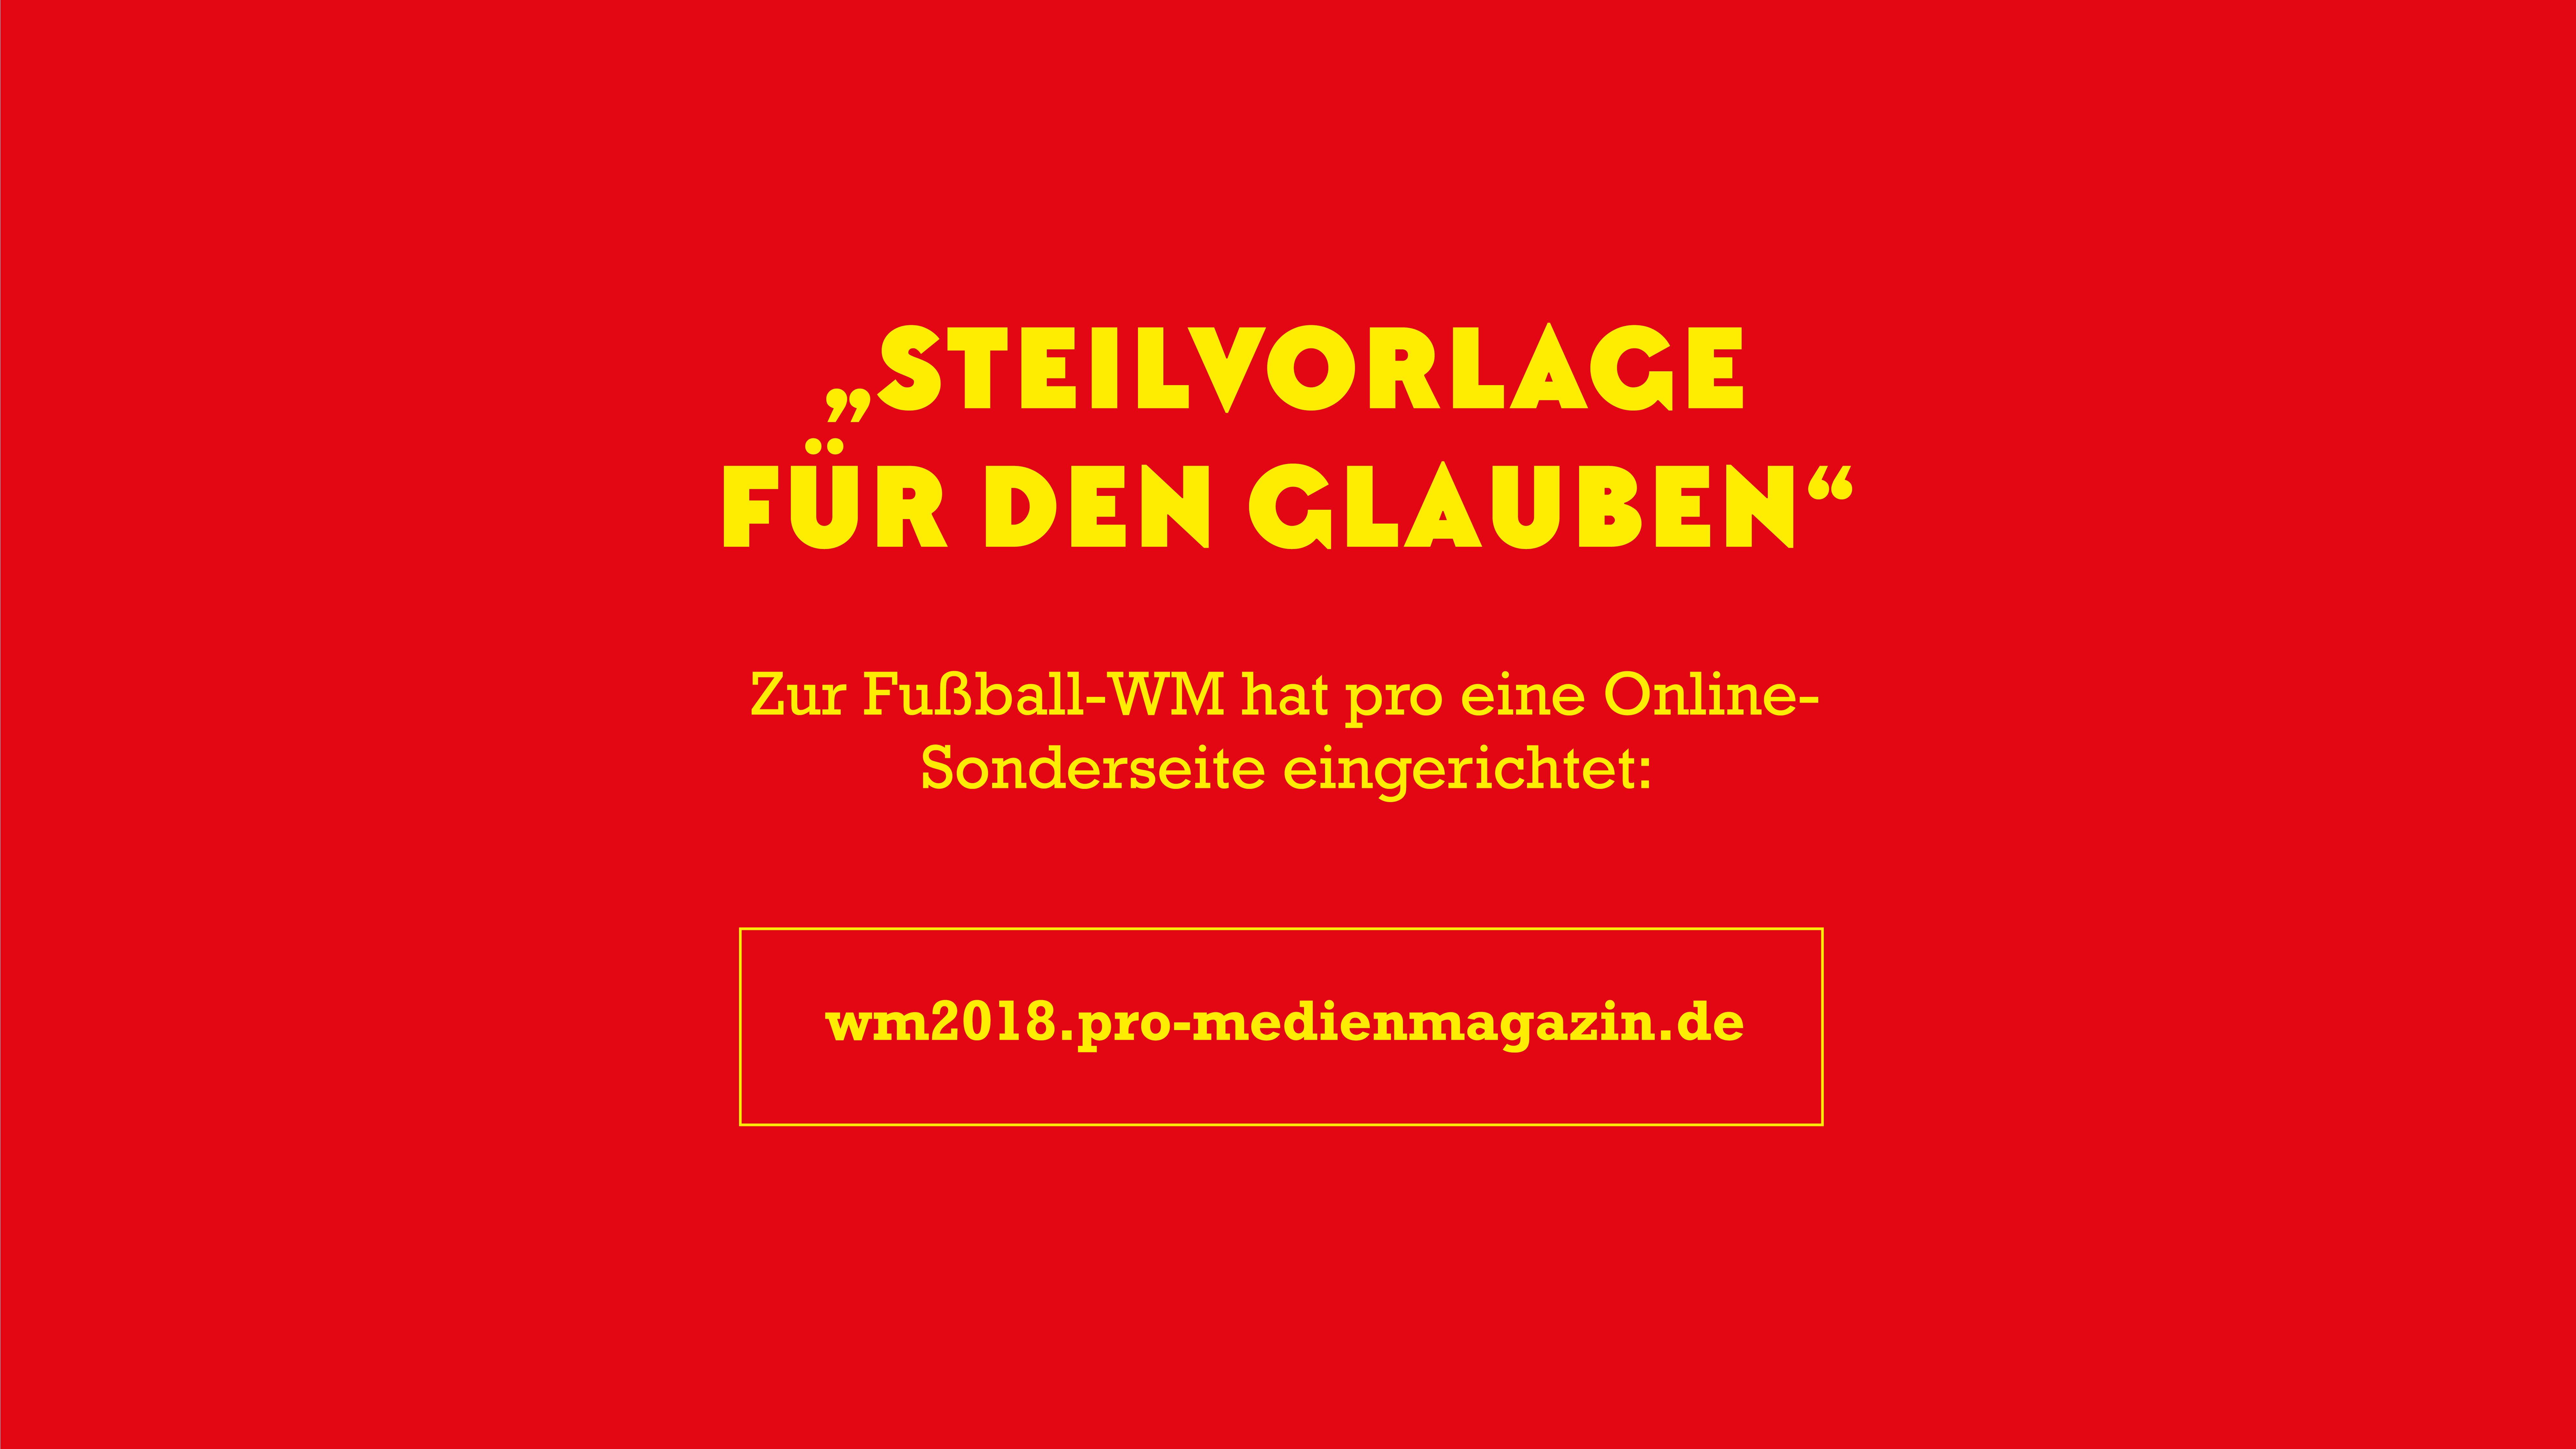 Lesen Sie mehr zum Thema Glaube und Fußball auf unserer Sonderseite wm2018.pro-medienmagazin.de